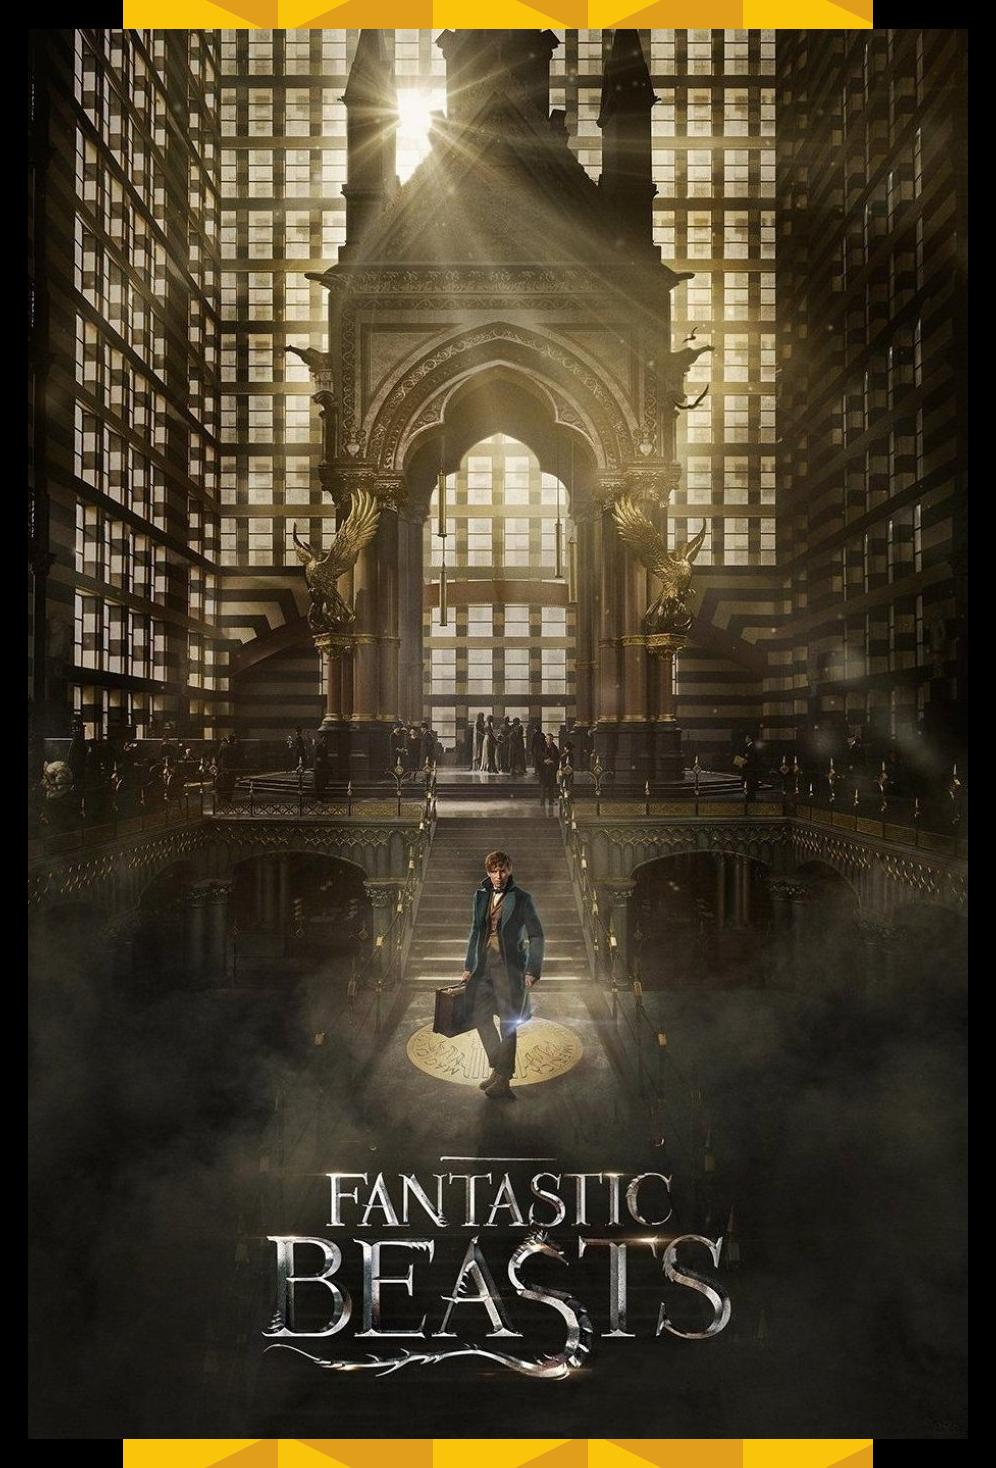 Neuer Filmtrailer Zu Fantastic Beasts Ist Ein Film Von David Yates Und Mit Den Fantastic Beasts Movie Fantastic Beasts And Where Harry Potter Fantastic Beasts